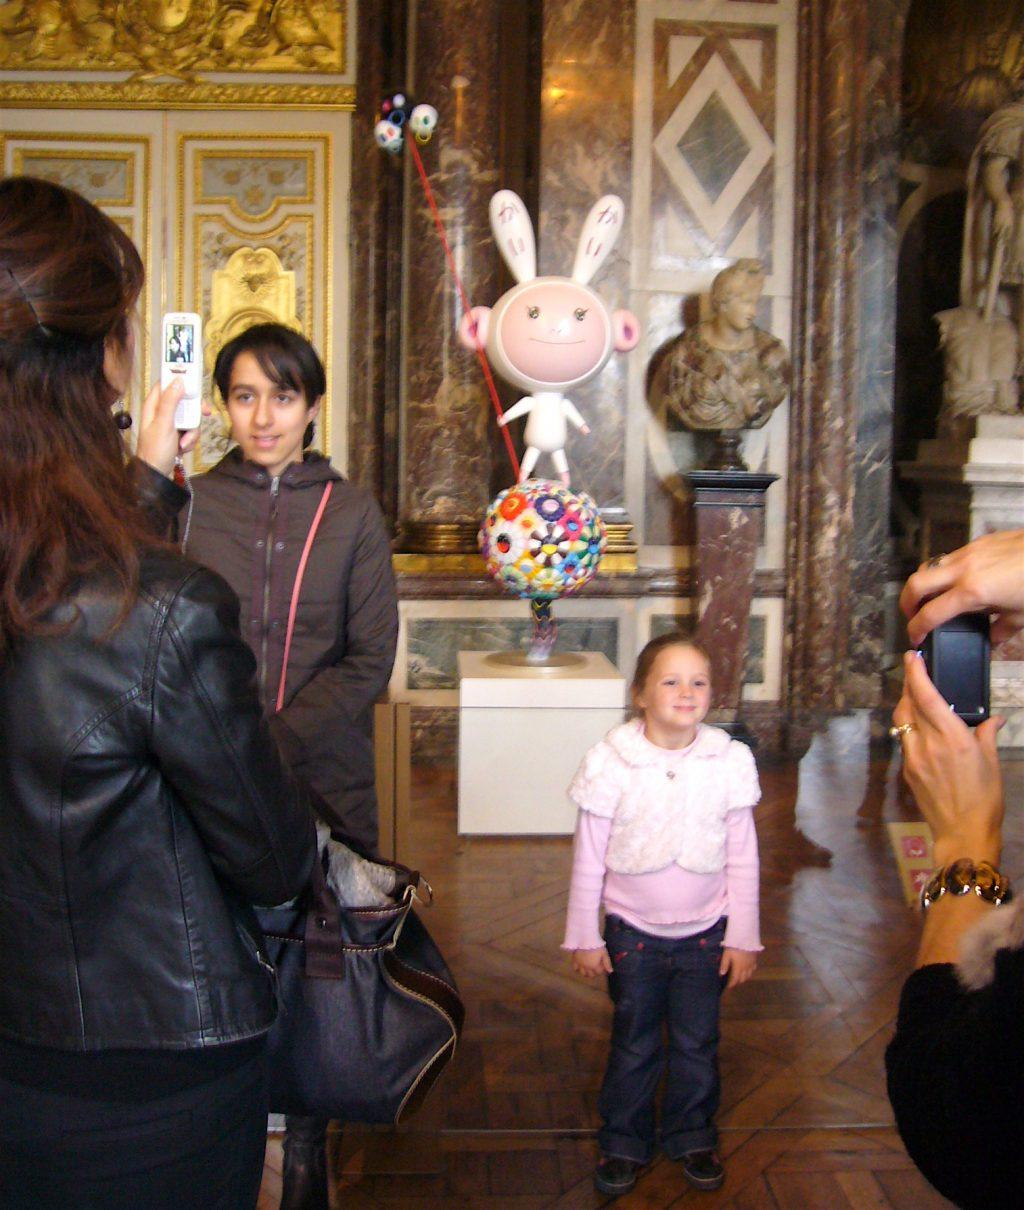 村上隆 MURAKAMI Takashi「Kaikai & Kiki」 の「KaiKai」@ ベルサイユ宮殿の個展 「Murakami Versailles」2010年